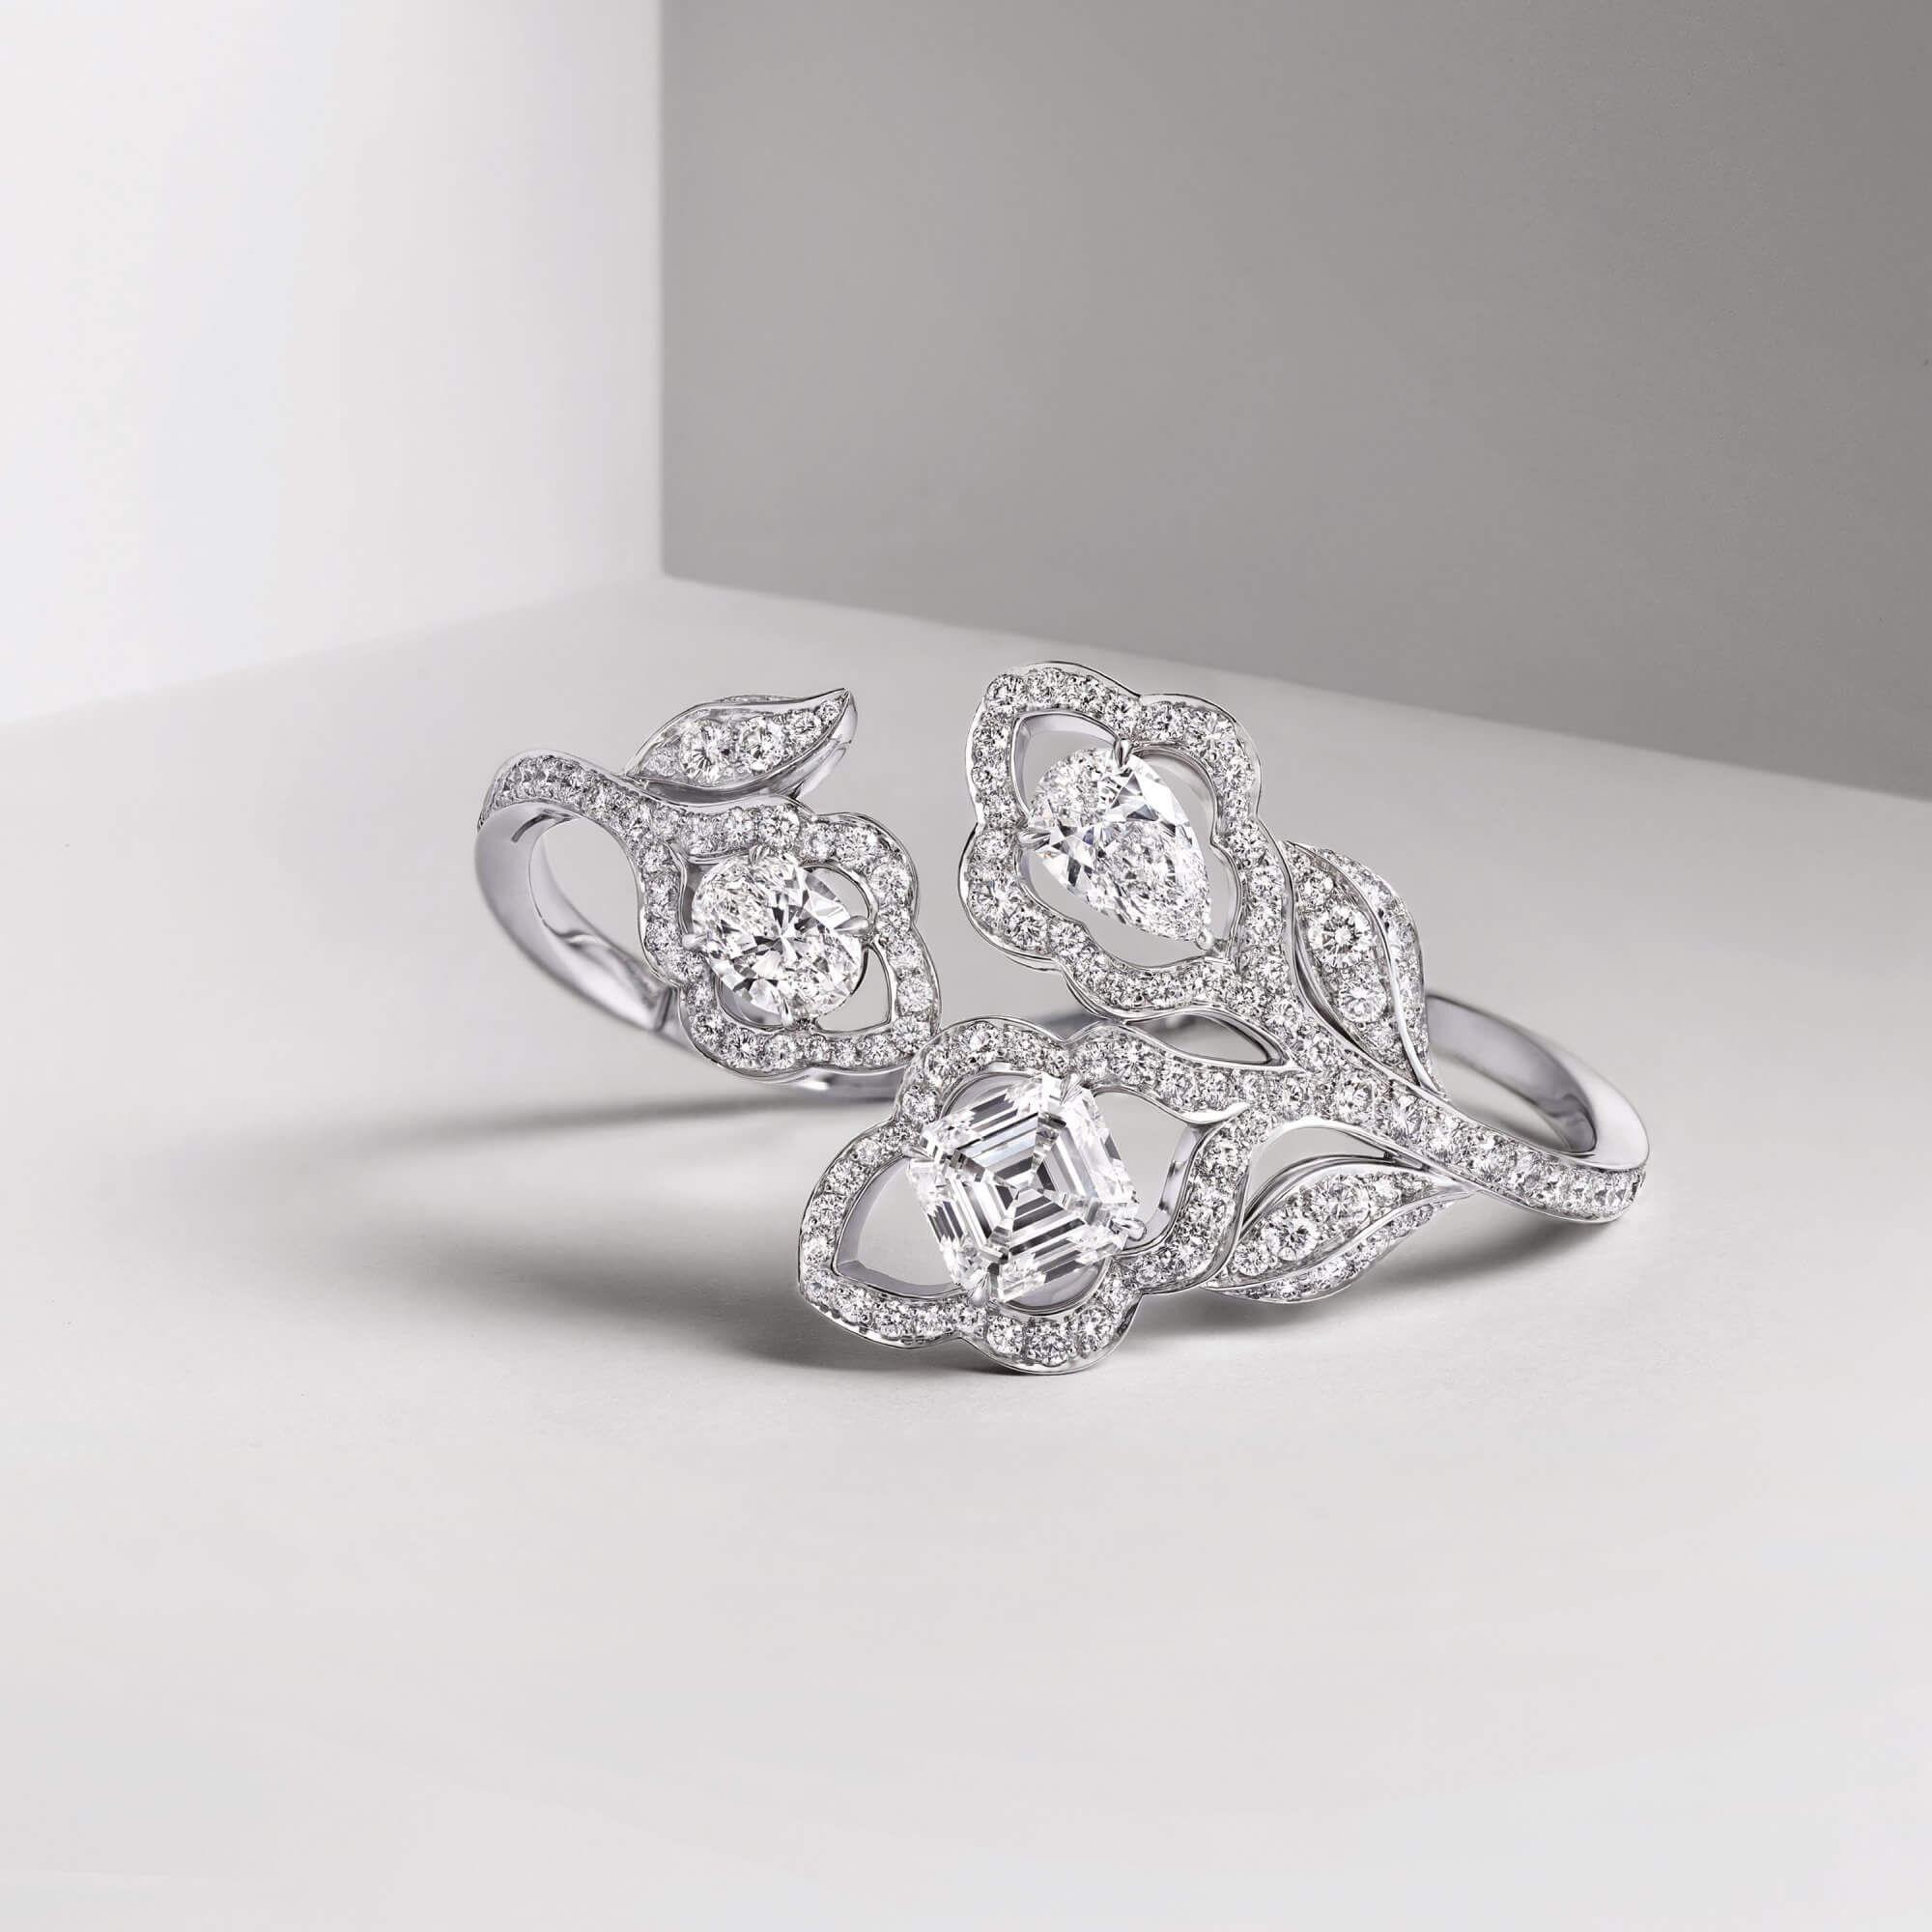 Graff diamond bracelet featuring a trio of pear shape oval and emerald cut diamonds